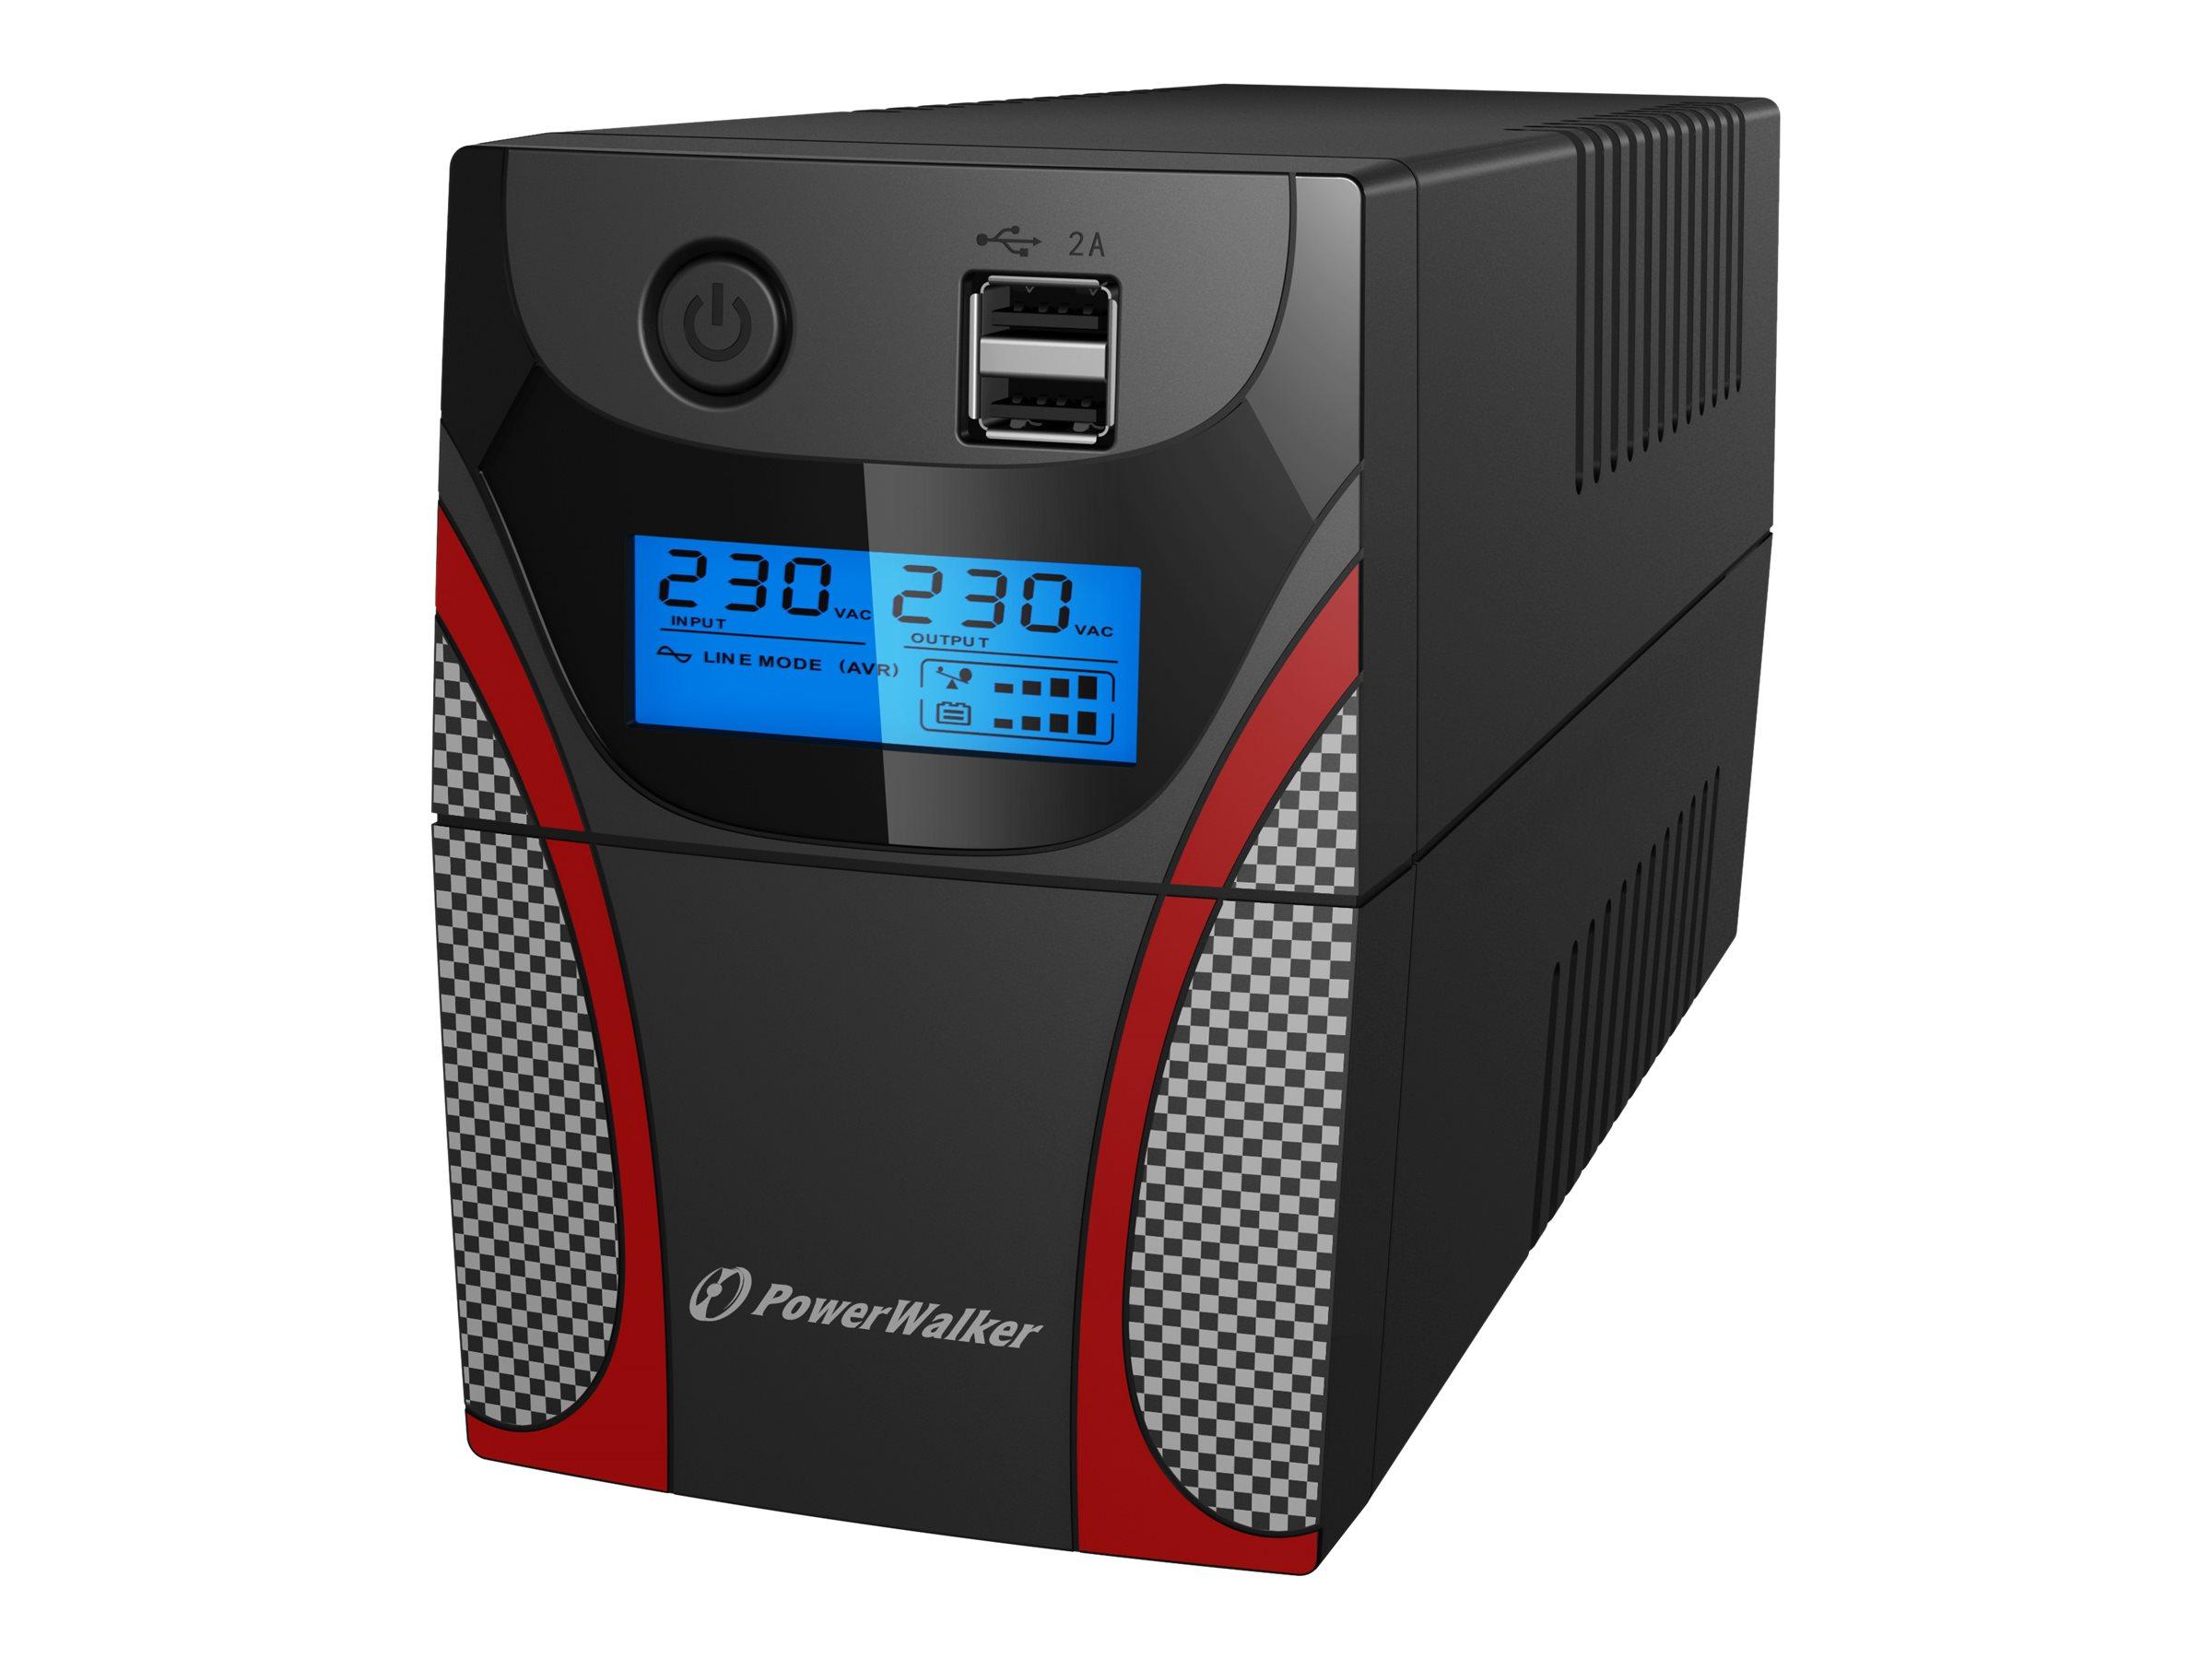 PowerWalker VI 850 GX - USV - AC 172-280 V - 480 Watt - 850 VA 9 Ah - USB